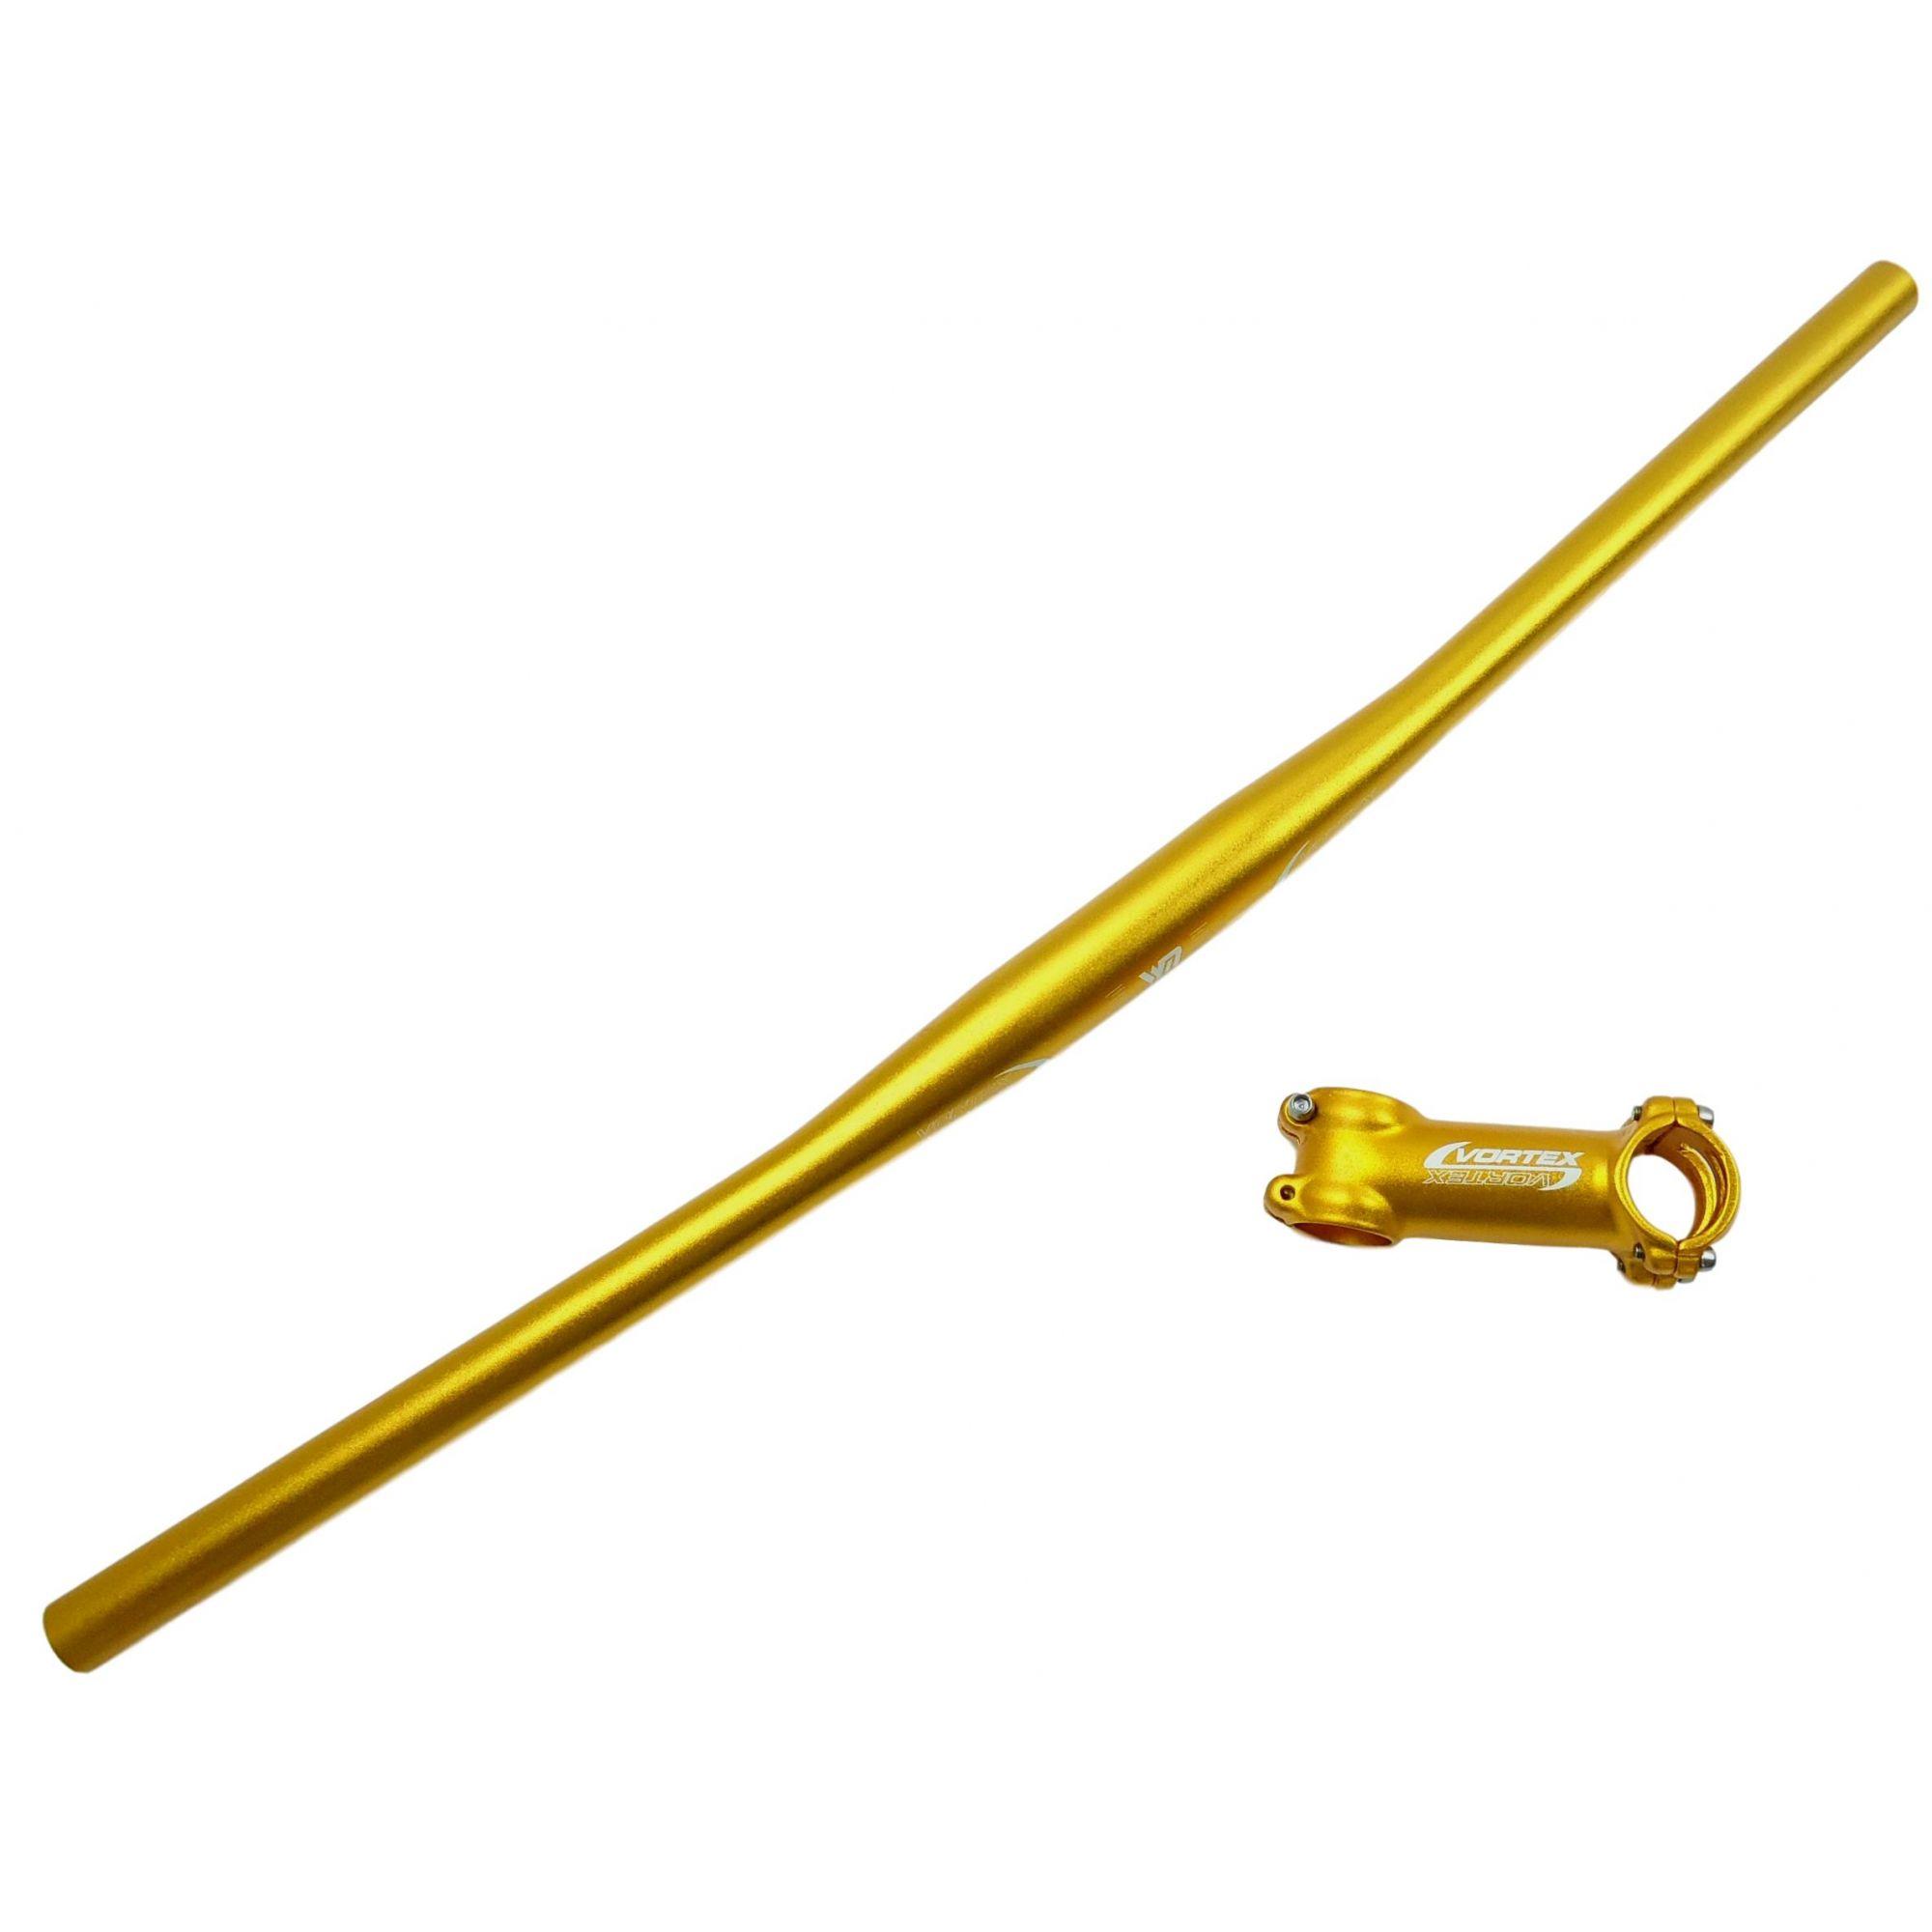 Kit MTB Vortex Guidão 710mm + Mesa 100mm 31.8mm em Aluminio Cor Dourado